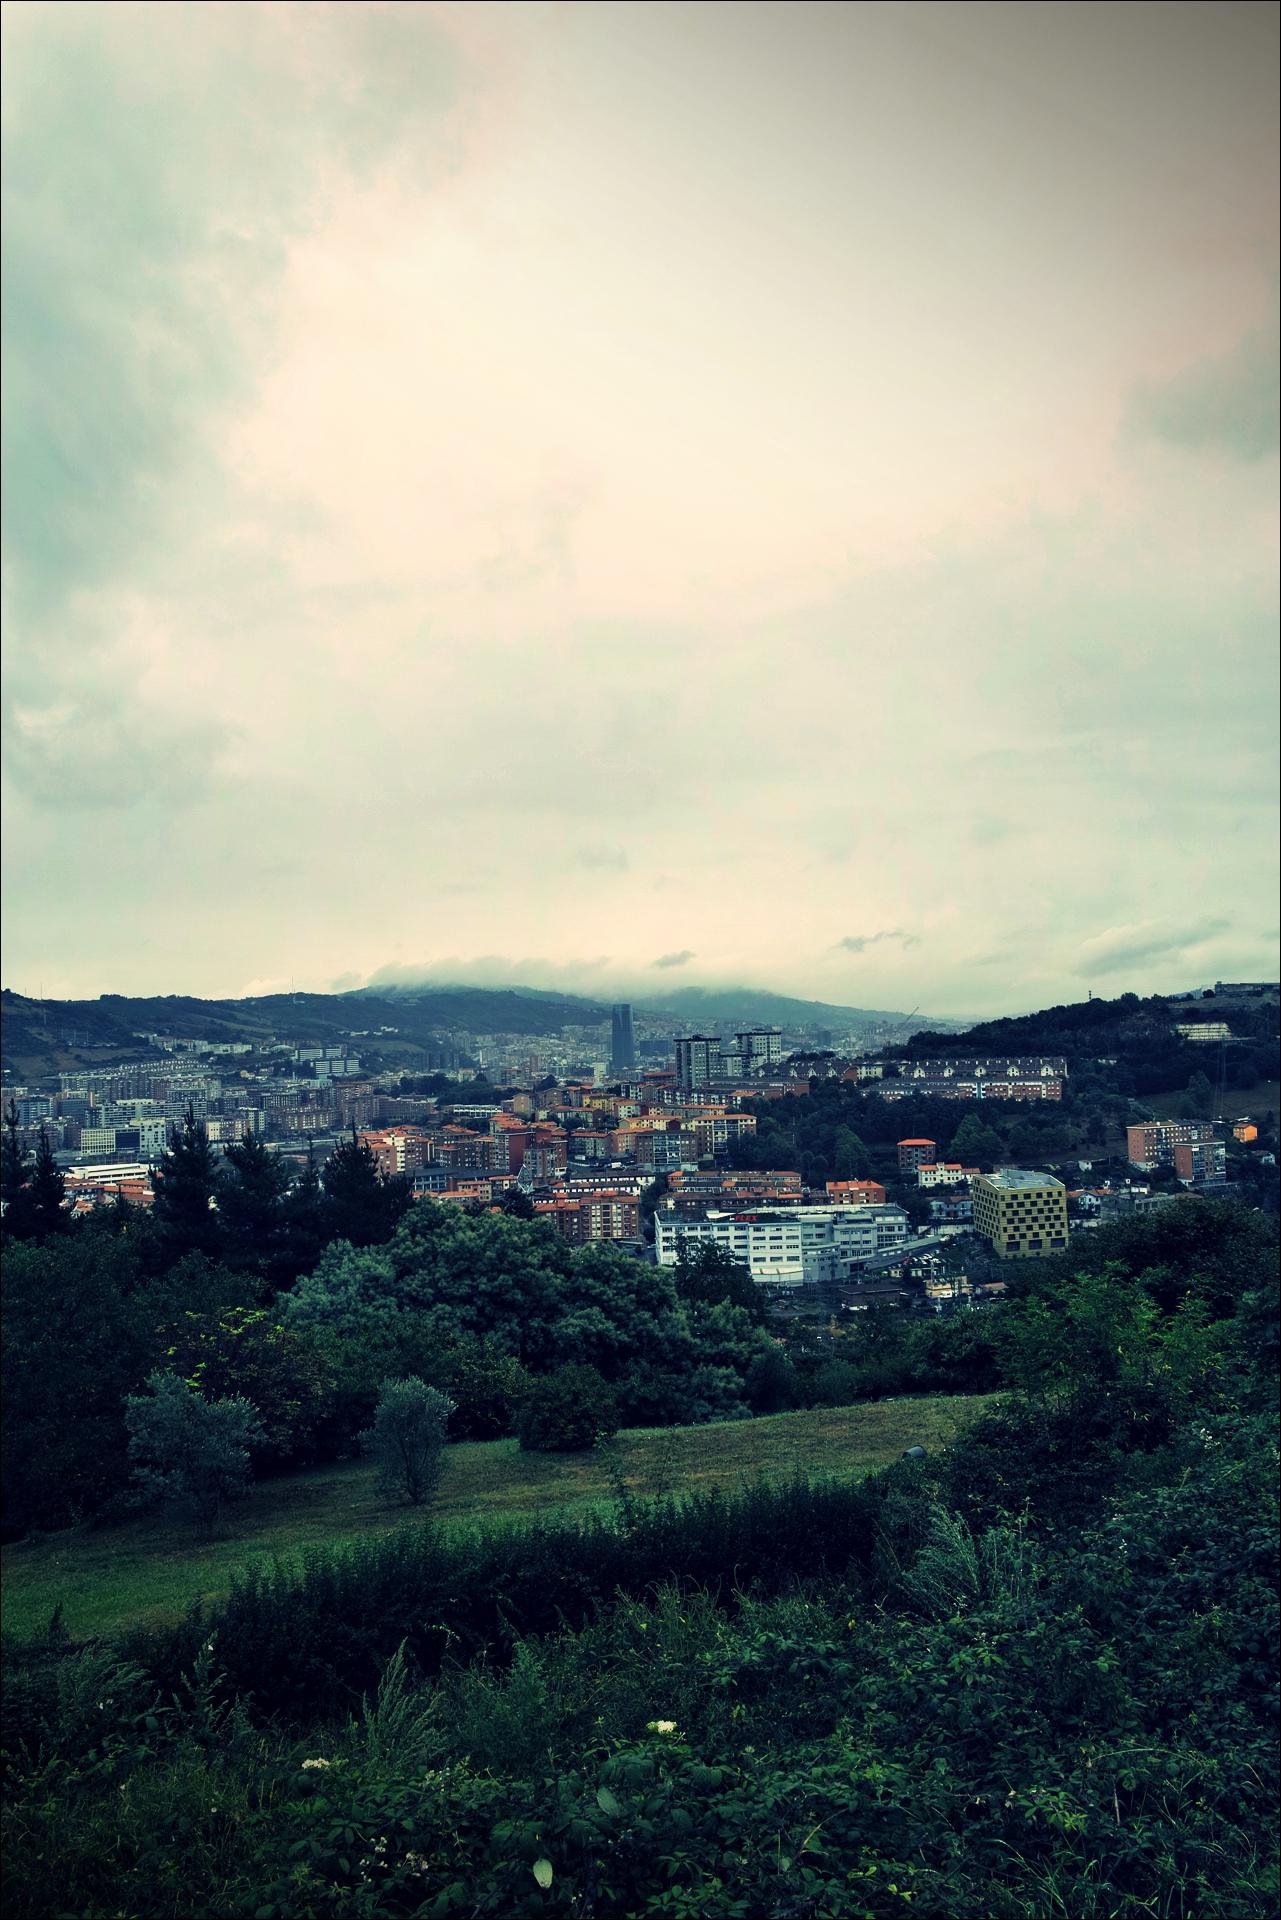 바라깔도(Barakaldo)-'카미노 데 산티아고 북쪽길. 빌바오에서 포르투갈레테. (Camino del Norte - Bilbao to Portugalete)'